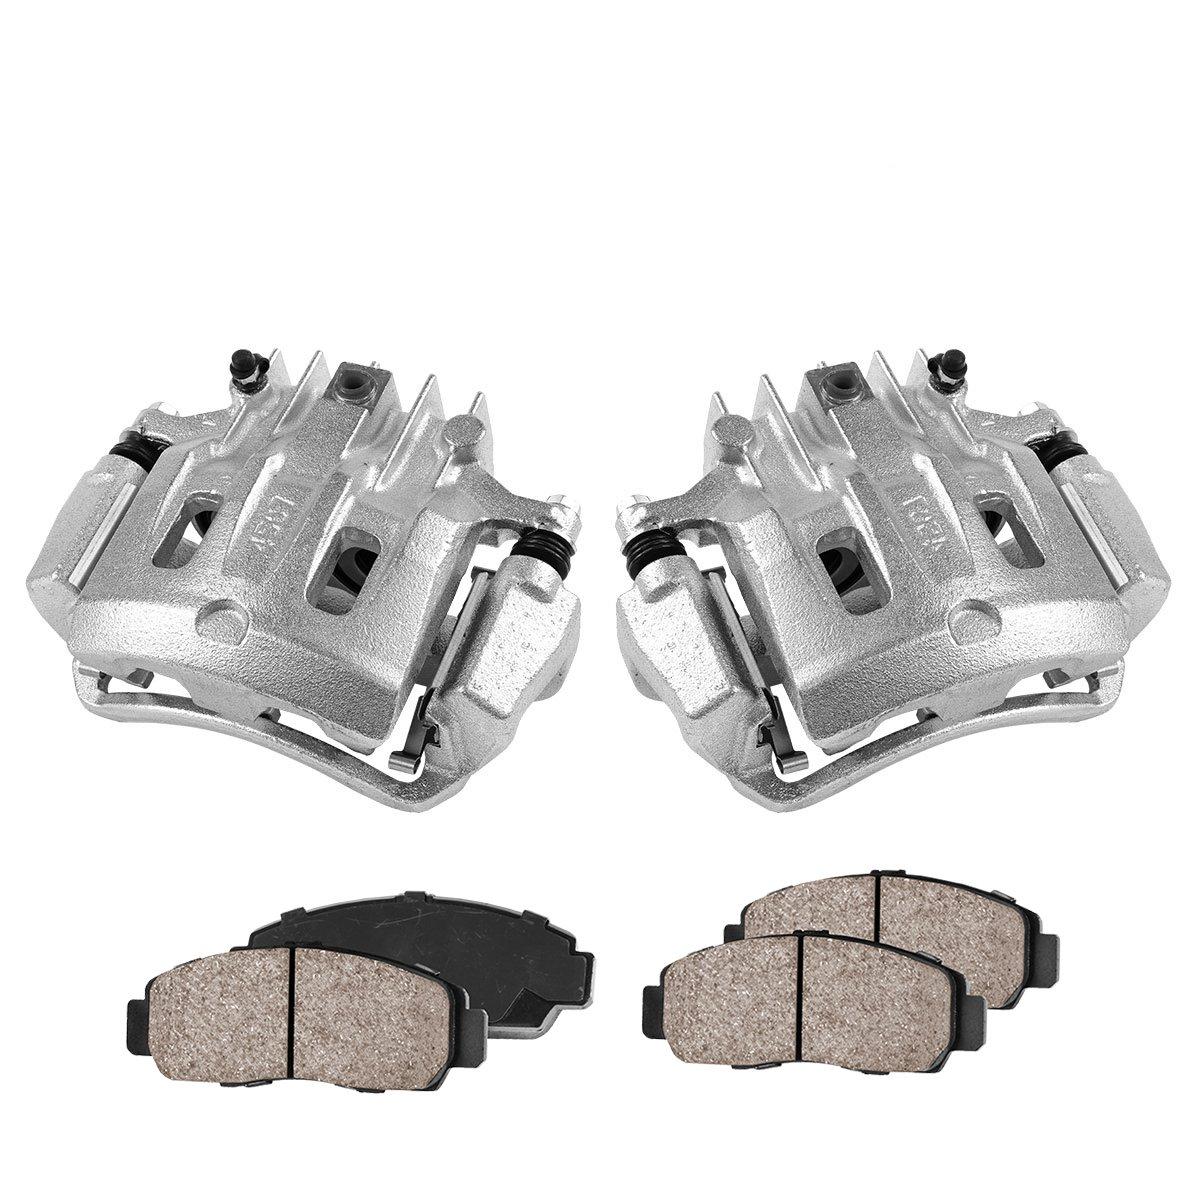 COEK00468 [2] REAR Premium Loaded OE Caliper Assembly Set + Quiet Low Dust Ceramic Brake Pads Callahan Brake Parts